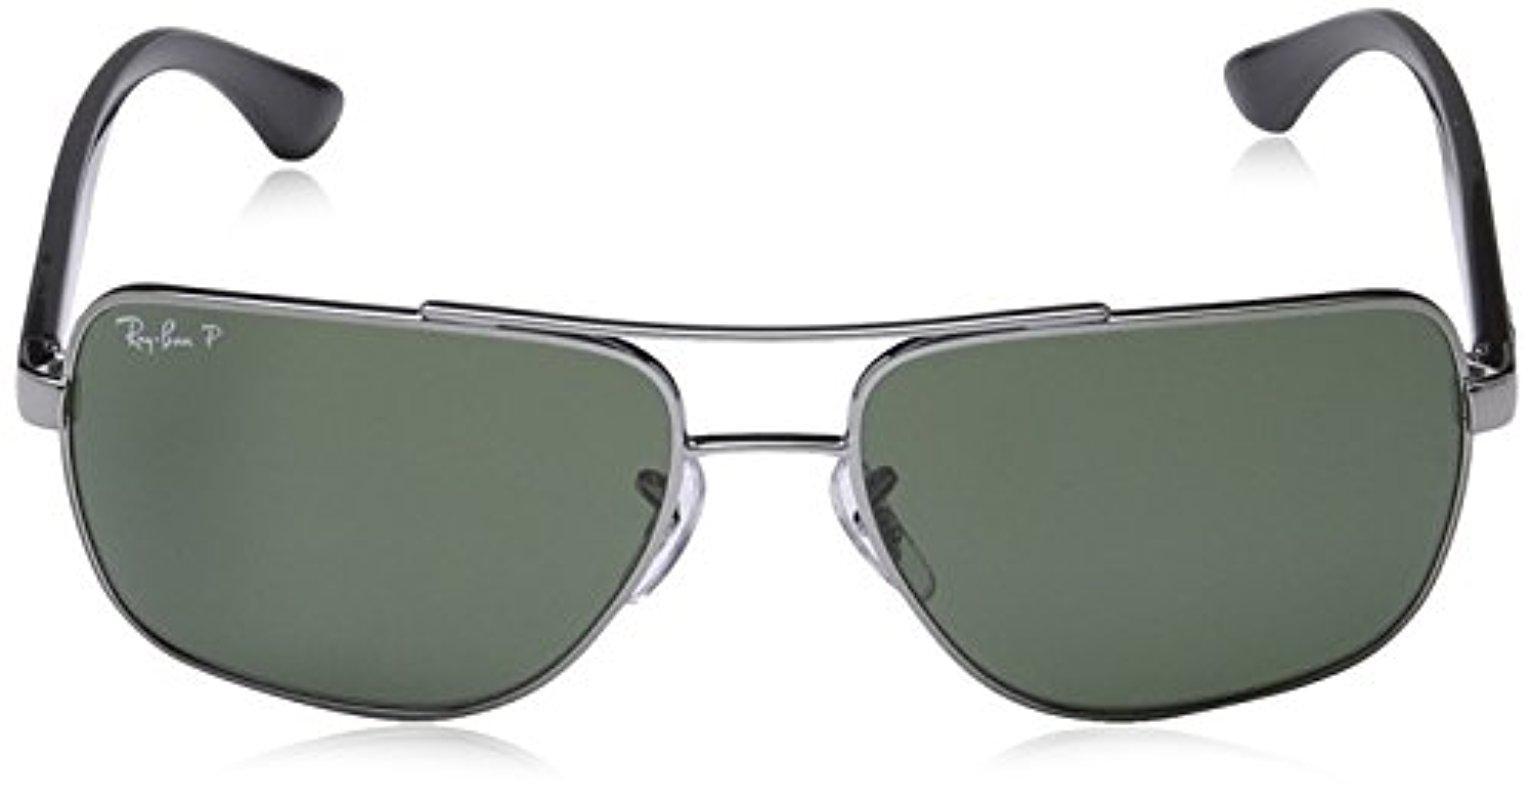 c4fed03160 ... Ray Ban Rb3483 Sunglasses 60mm - Lyst. View fullscreen